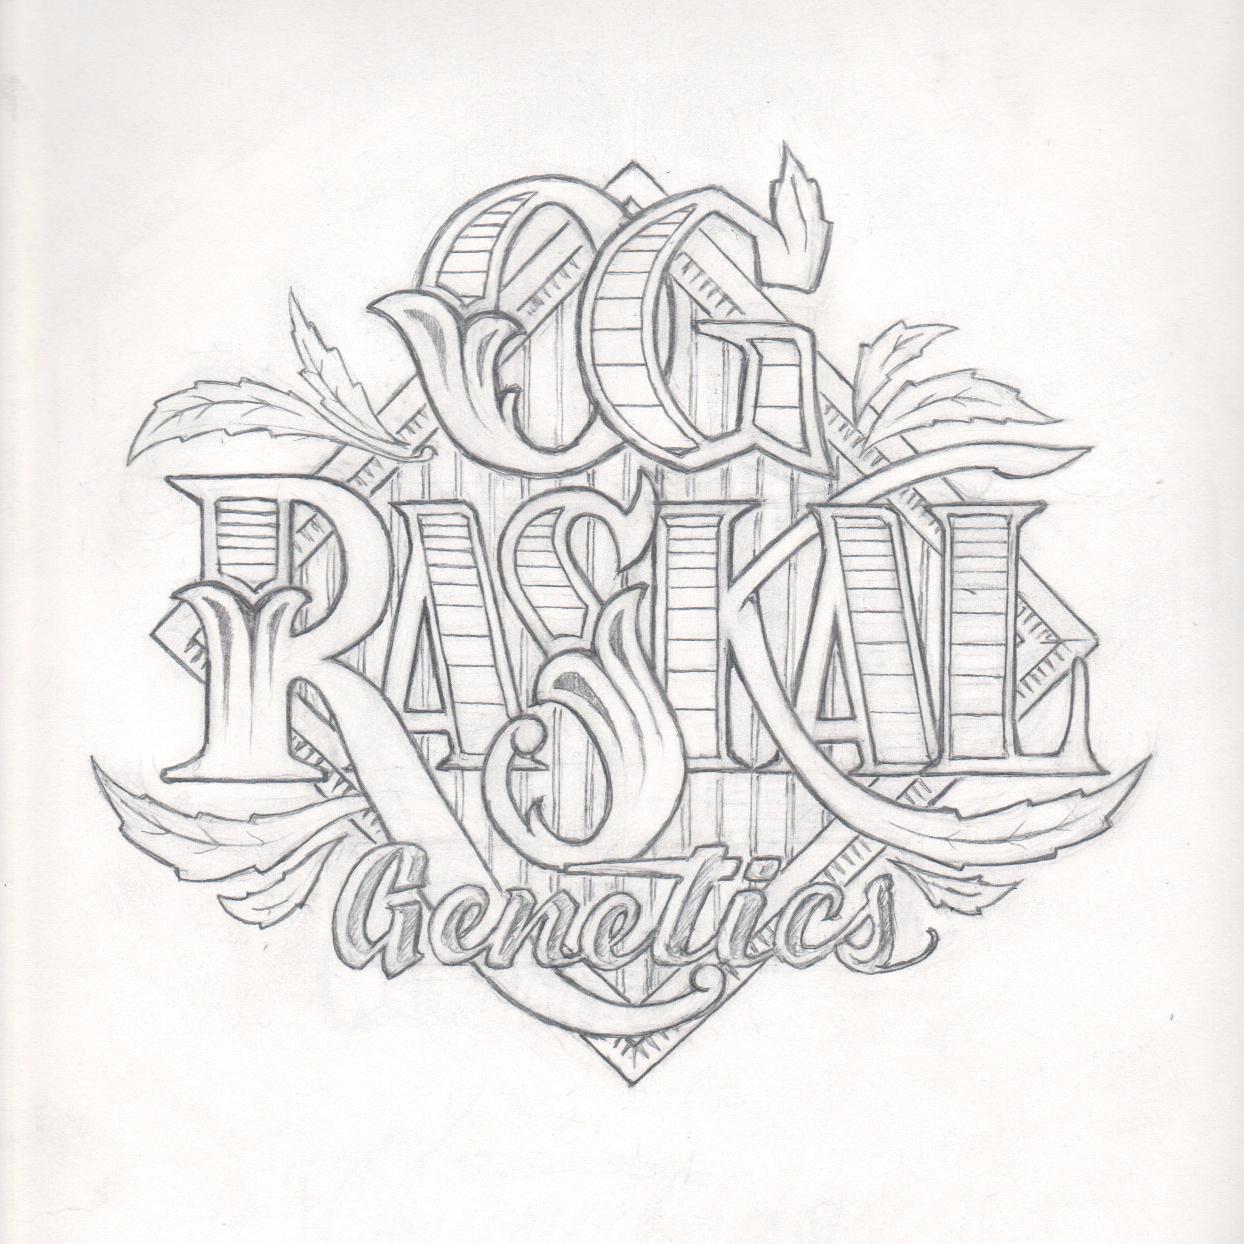 OG_Raskal_Sketch.jpg